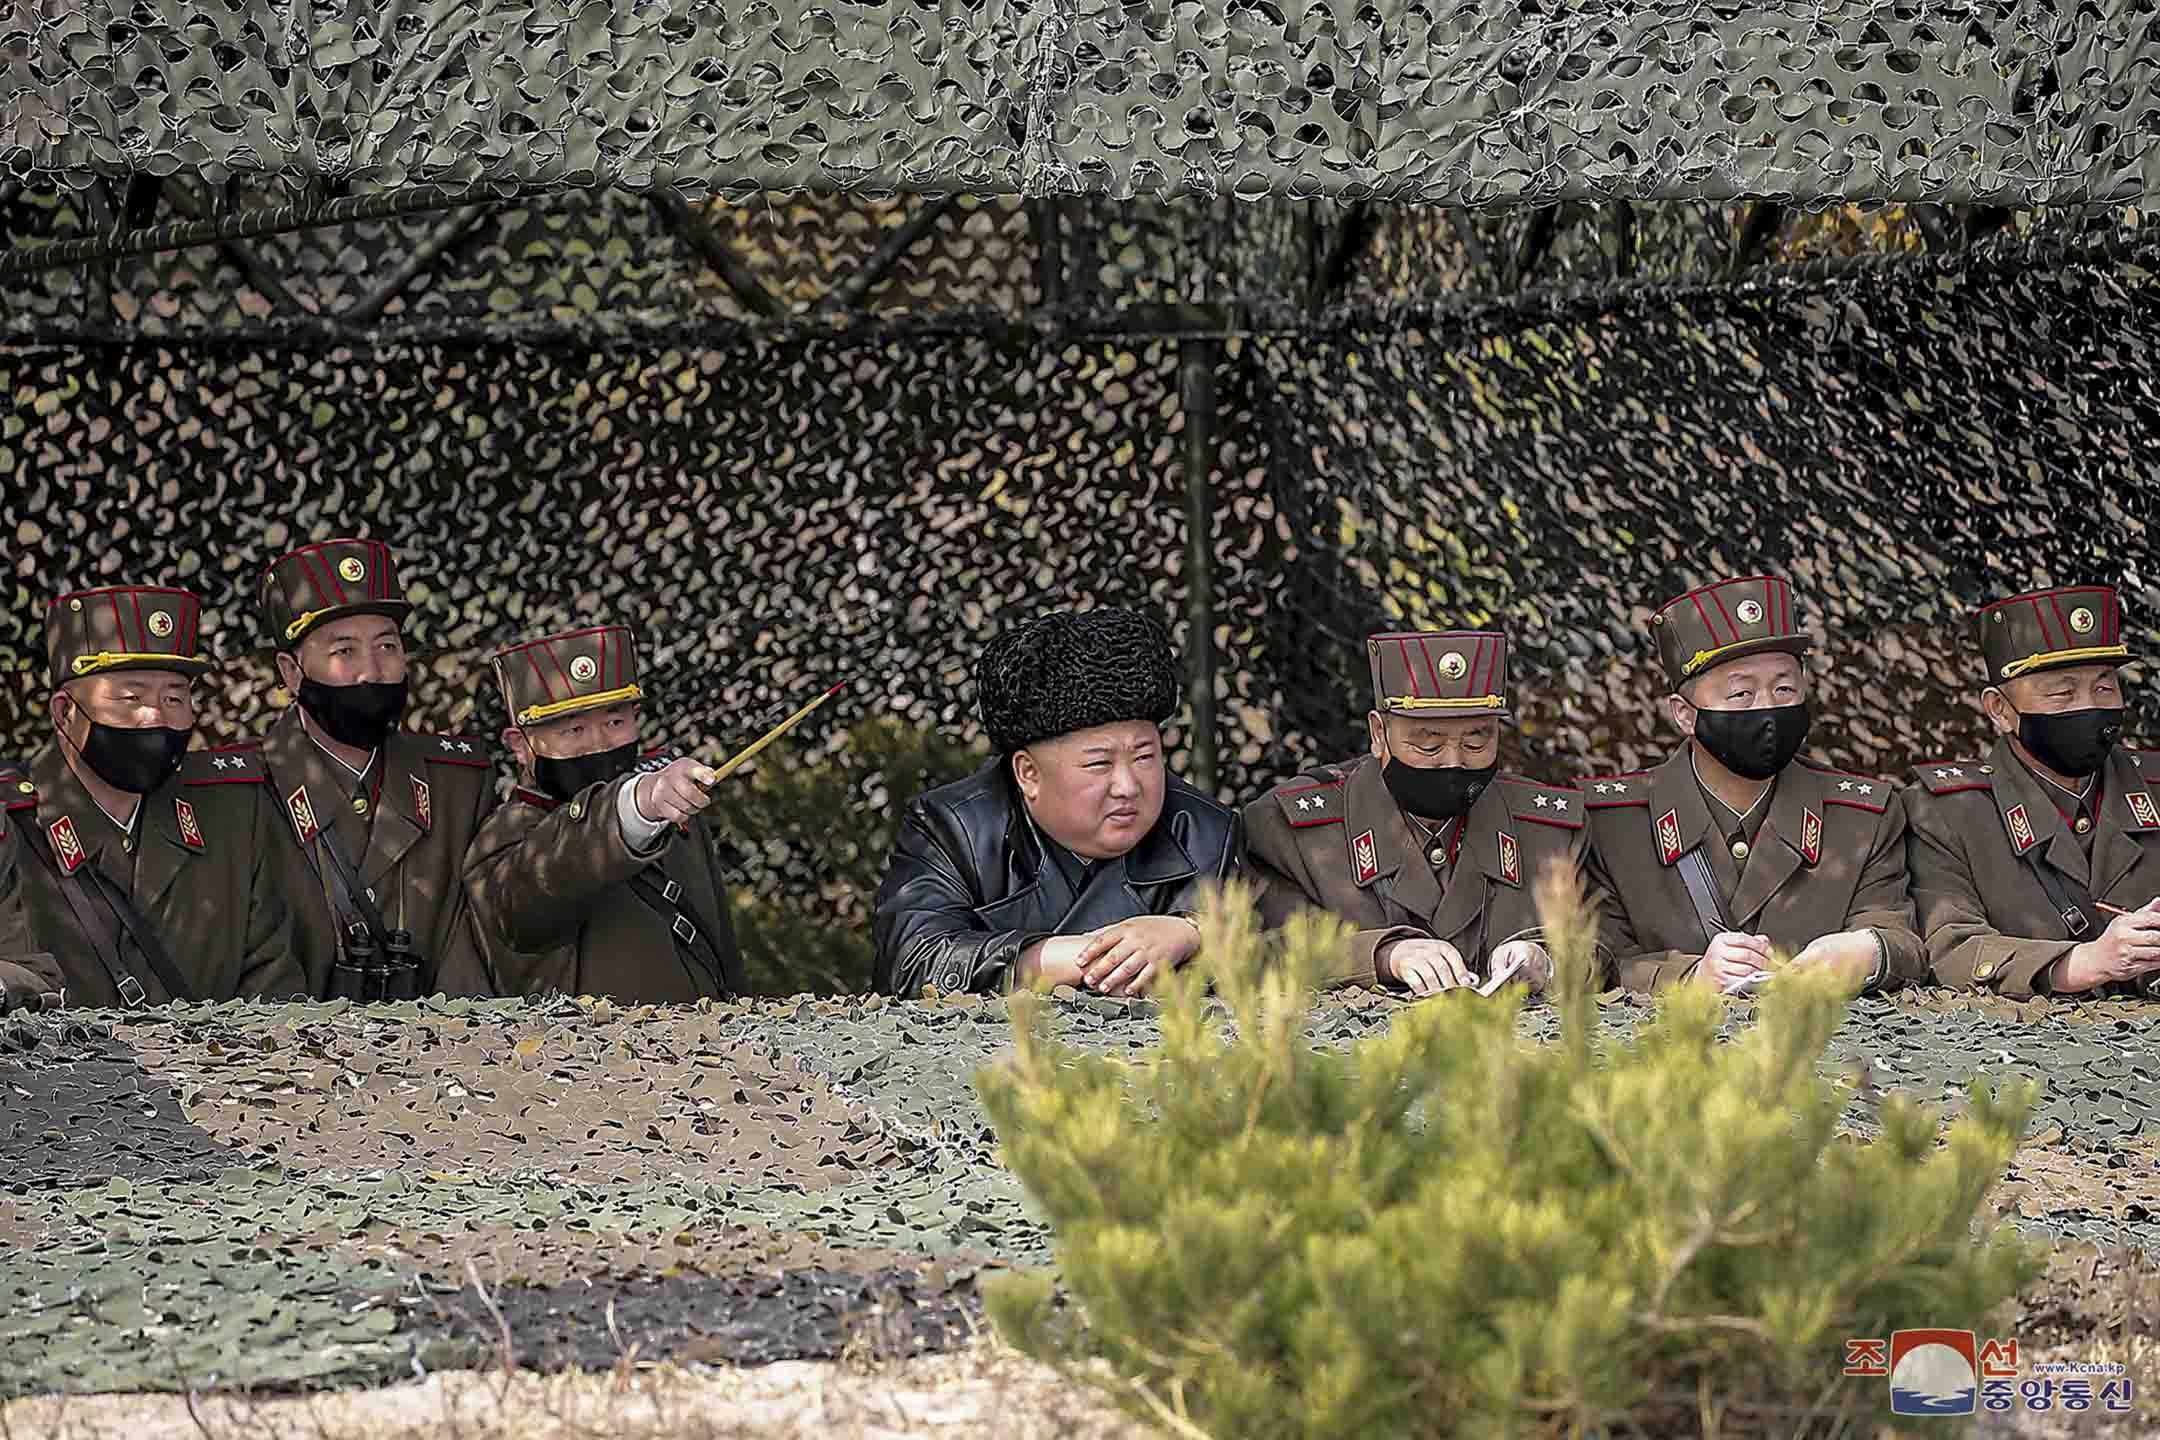 2020年3月12日,北韓領導人金正恩在訓練場視察軍人習訓。 攝:KCNA via Reuters